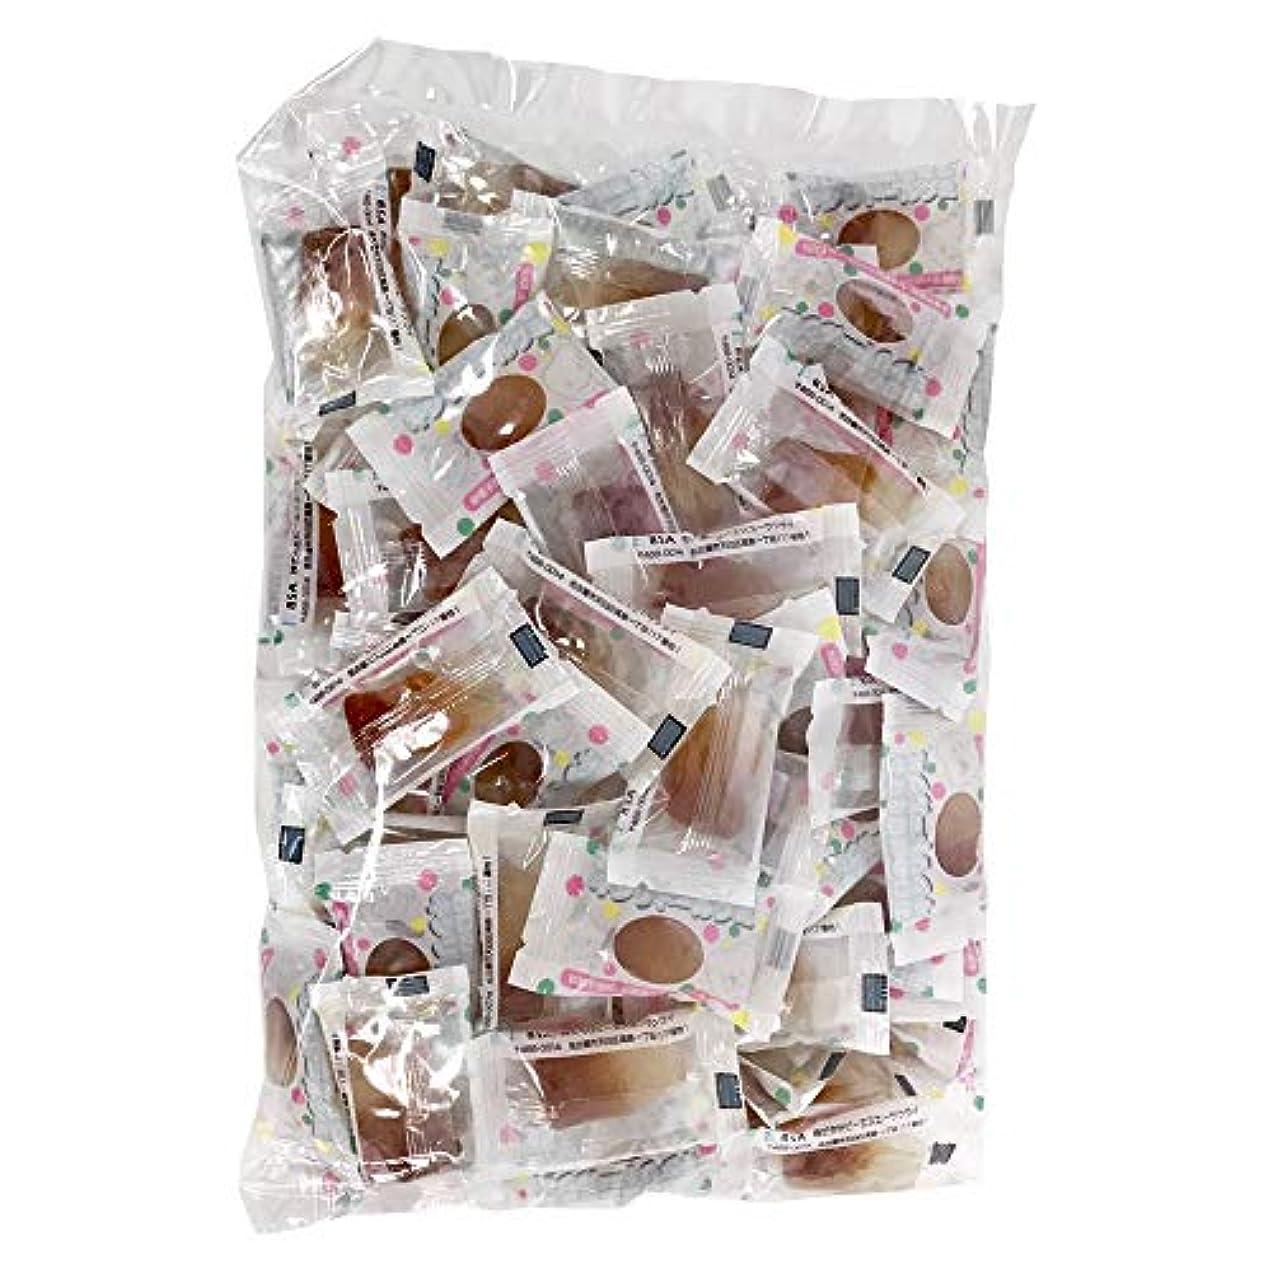 満たす終了するアレルギー性キシリトール100%グミ キシリコーラXYLICOLA 大袋100粒入